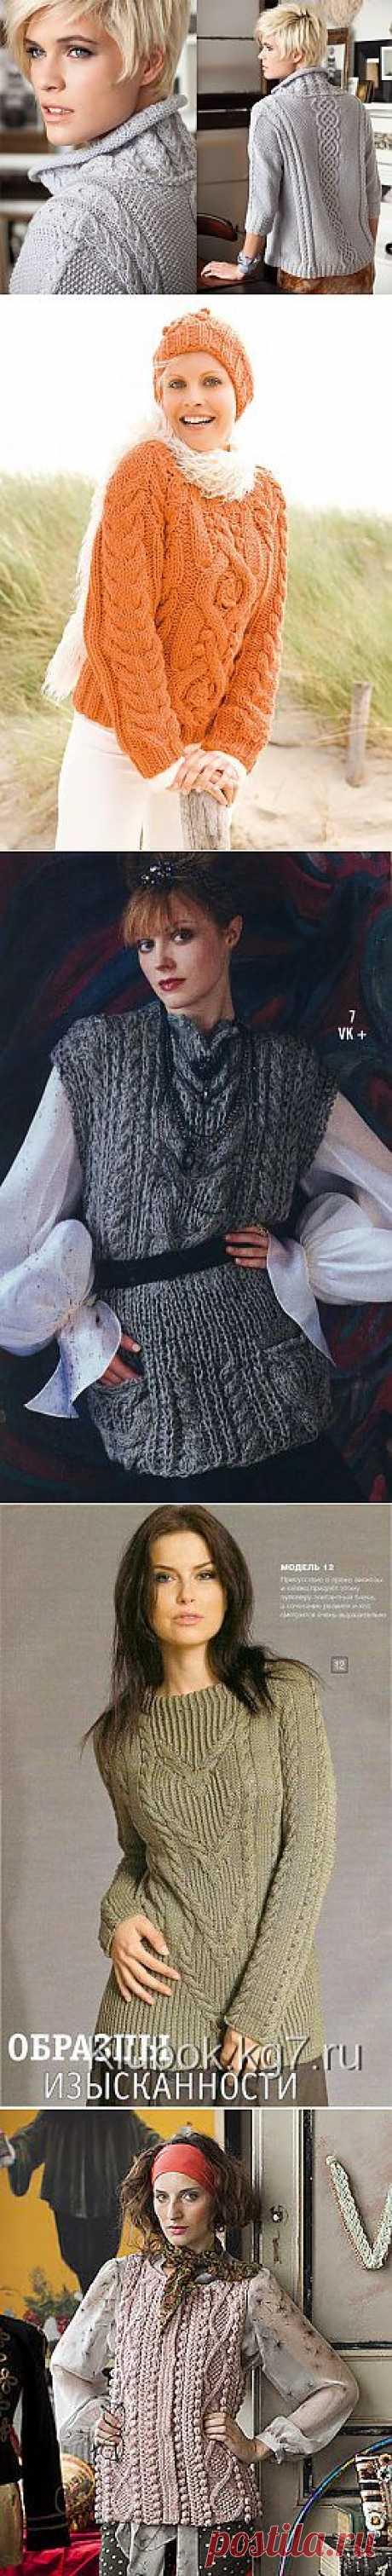 Пуловеры с узором из кос..